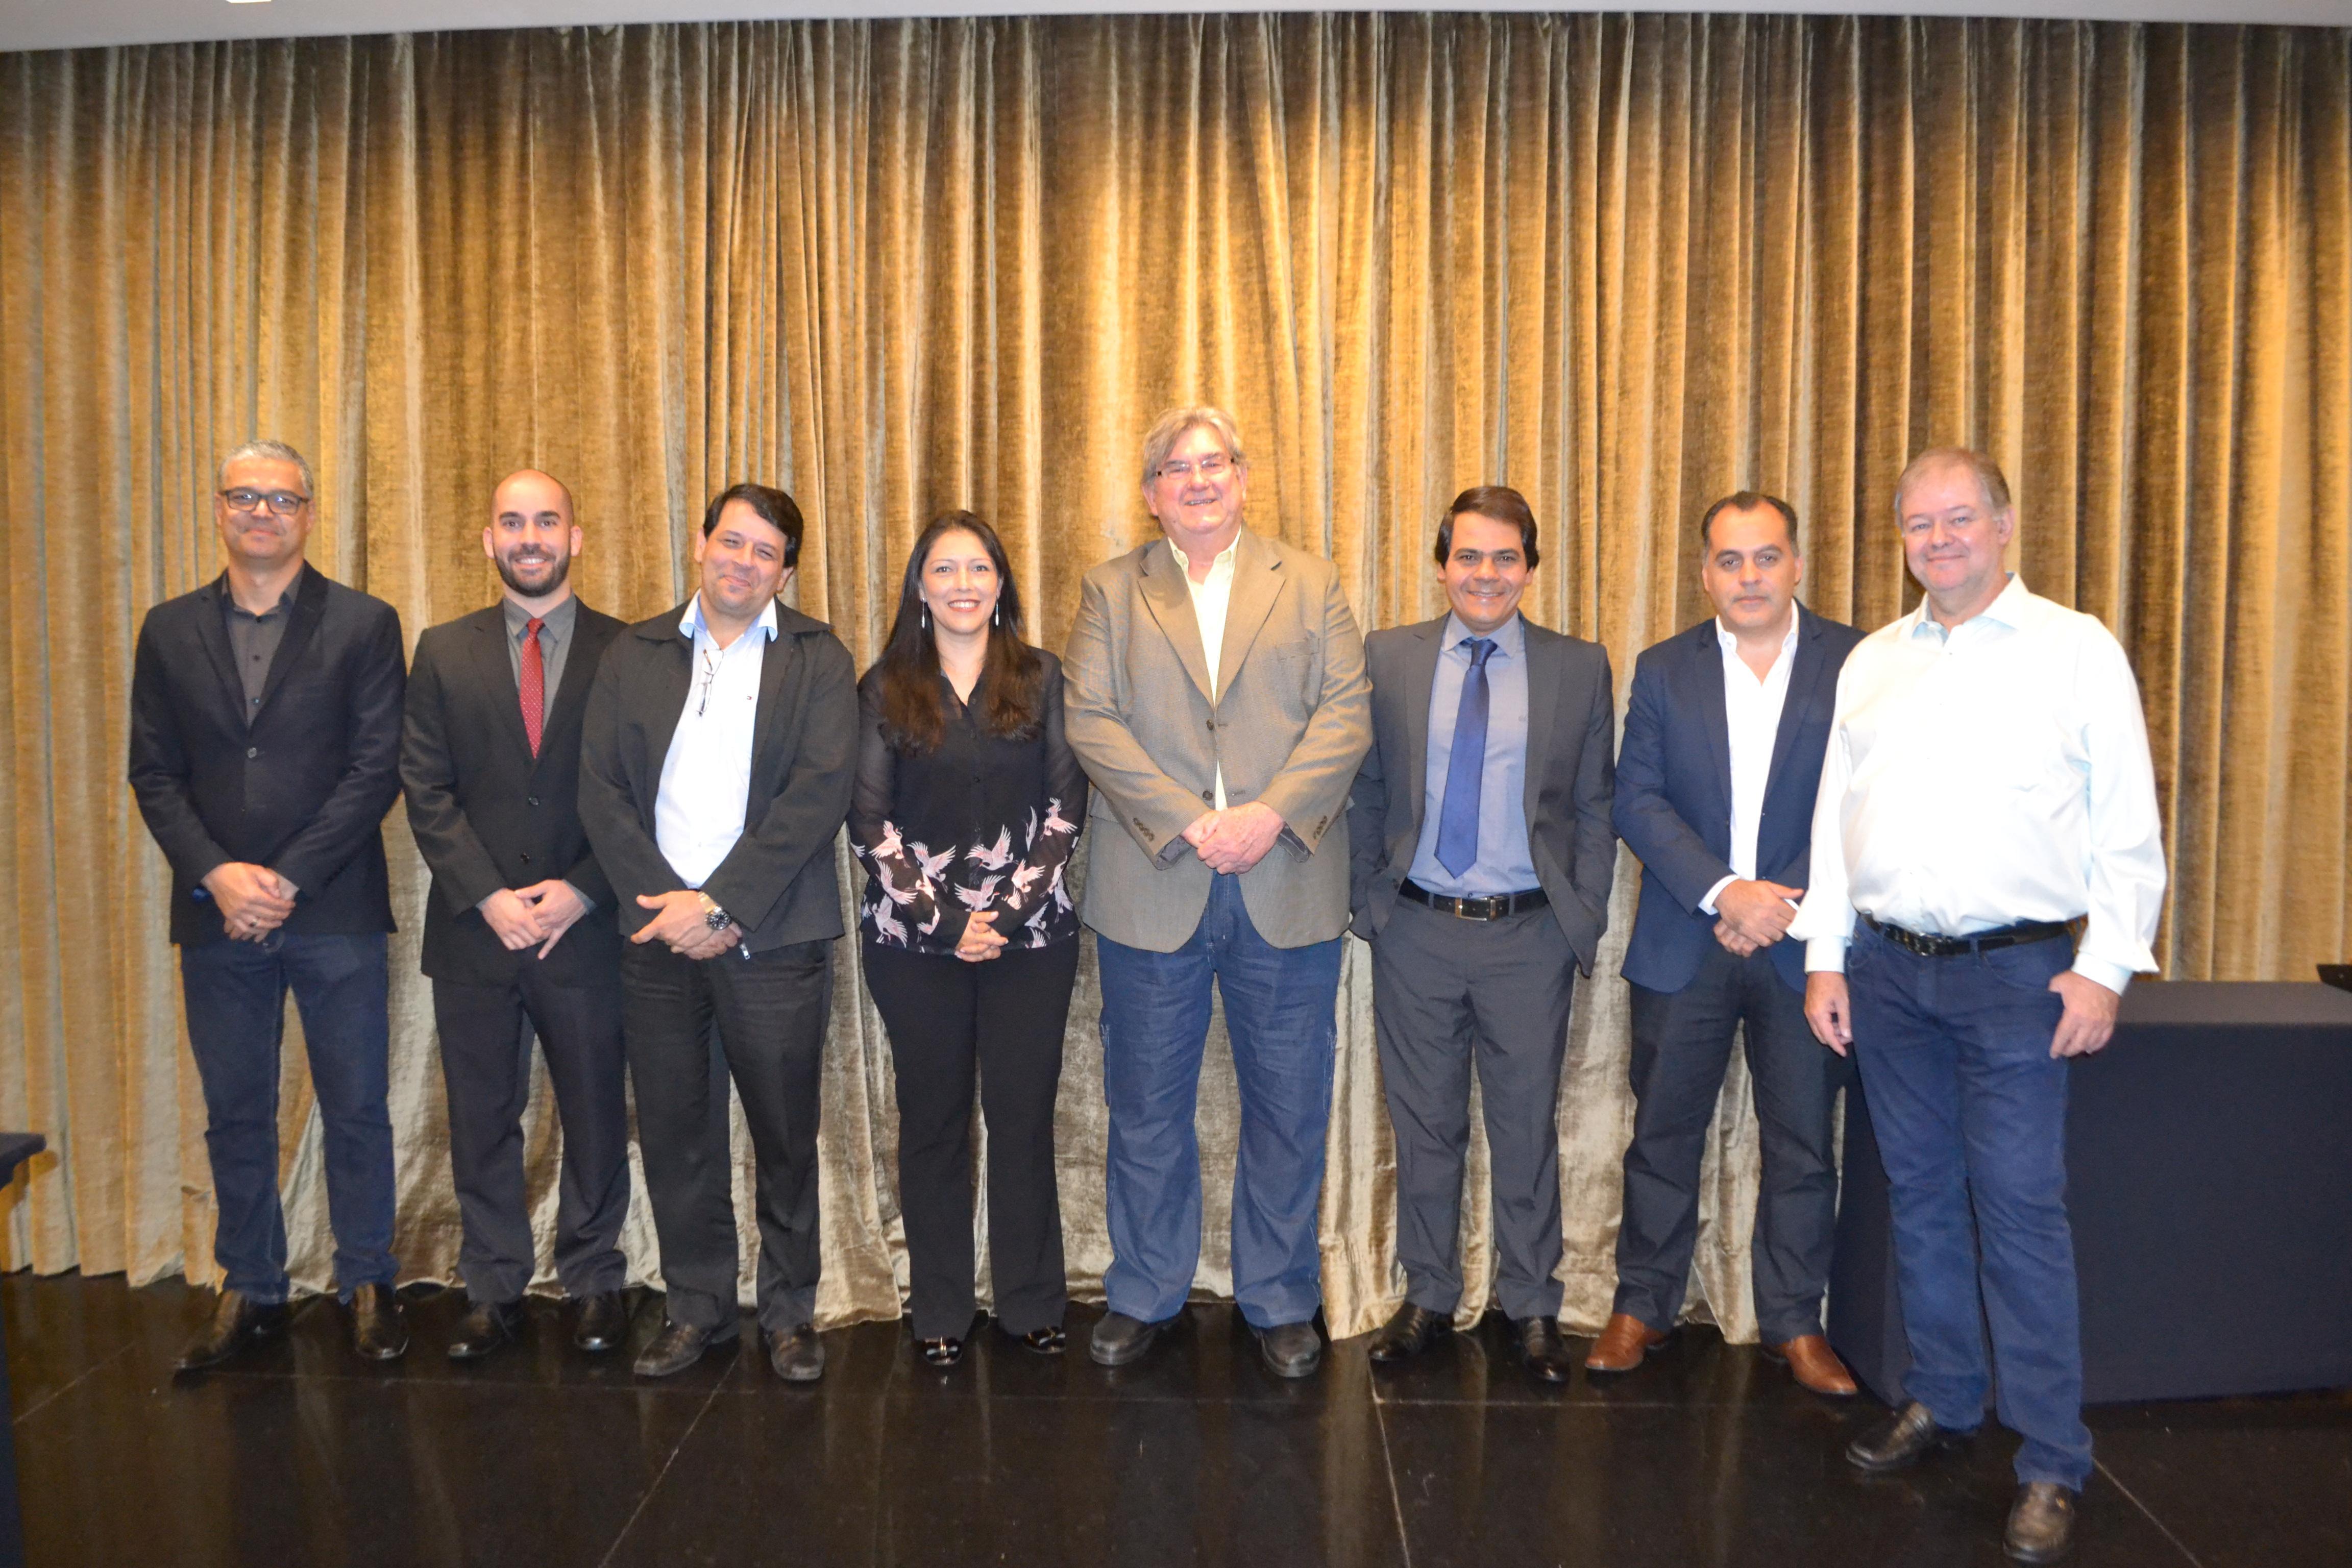 Da esquerda para direita: Emerson Hugo Soares, Gilberto Gonçalves, Eduardo Guimarães, J Fernando Rossi, Ex-presidente Gilmar Soares, Janete Lima Isaac, Fernando Rezende